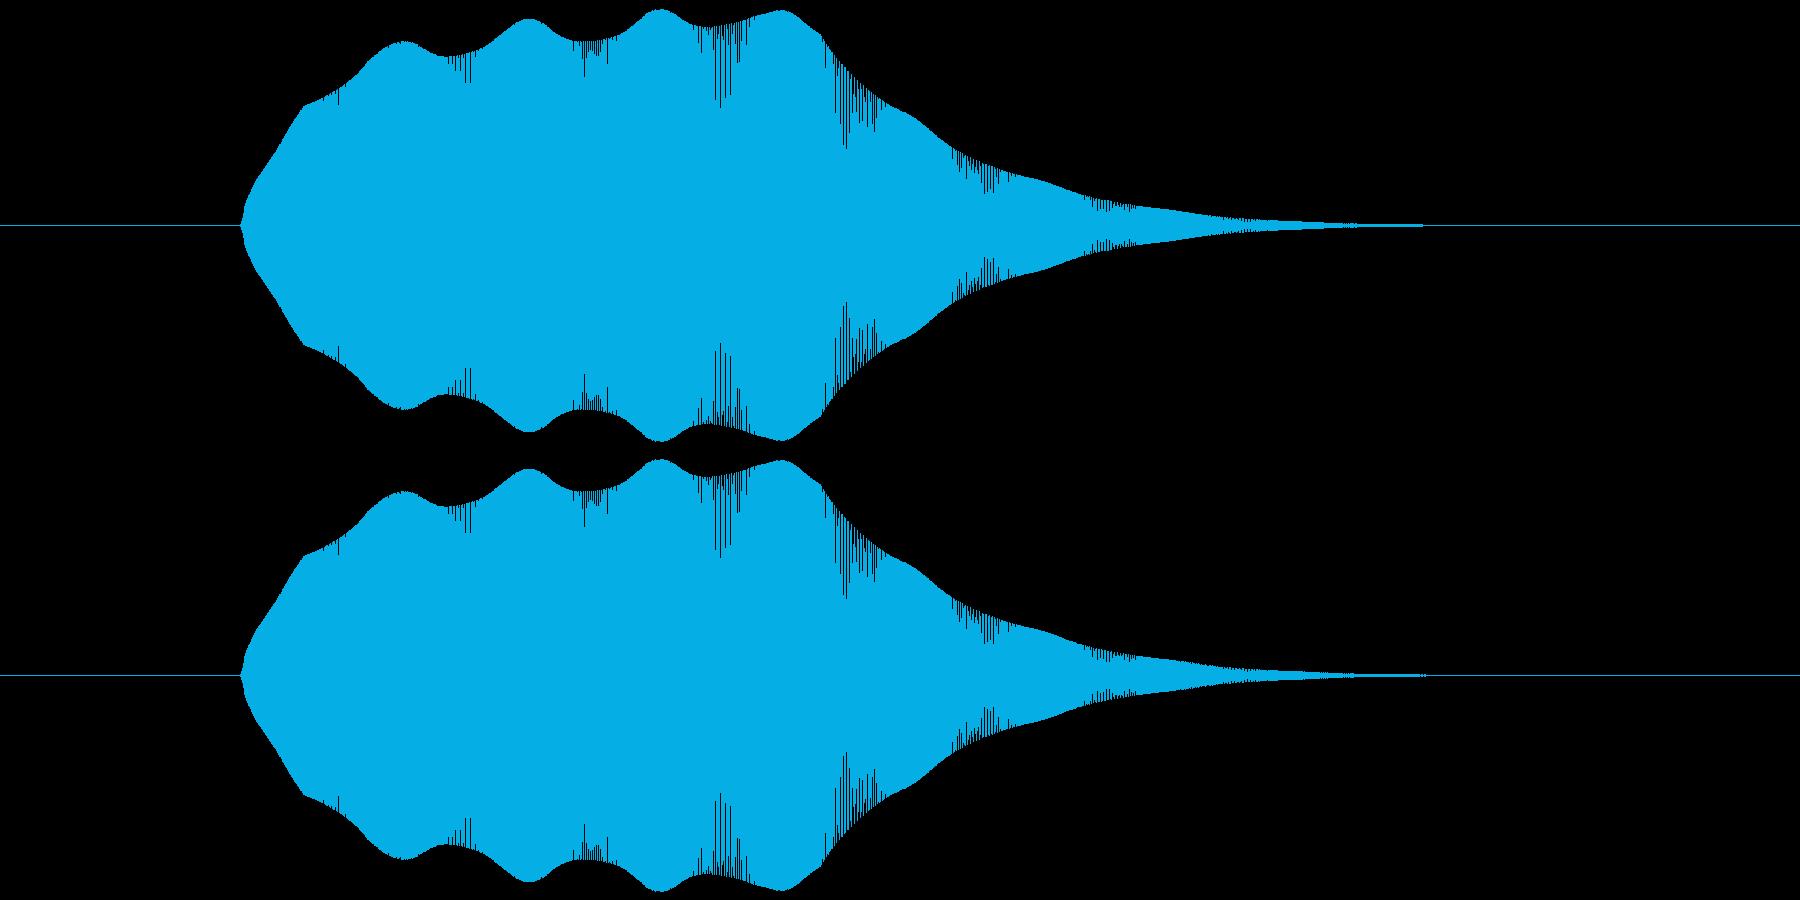 ピヨヨヨ(失敗・縮小・弱体化・困る・汗)の再生済みの波形